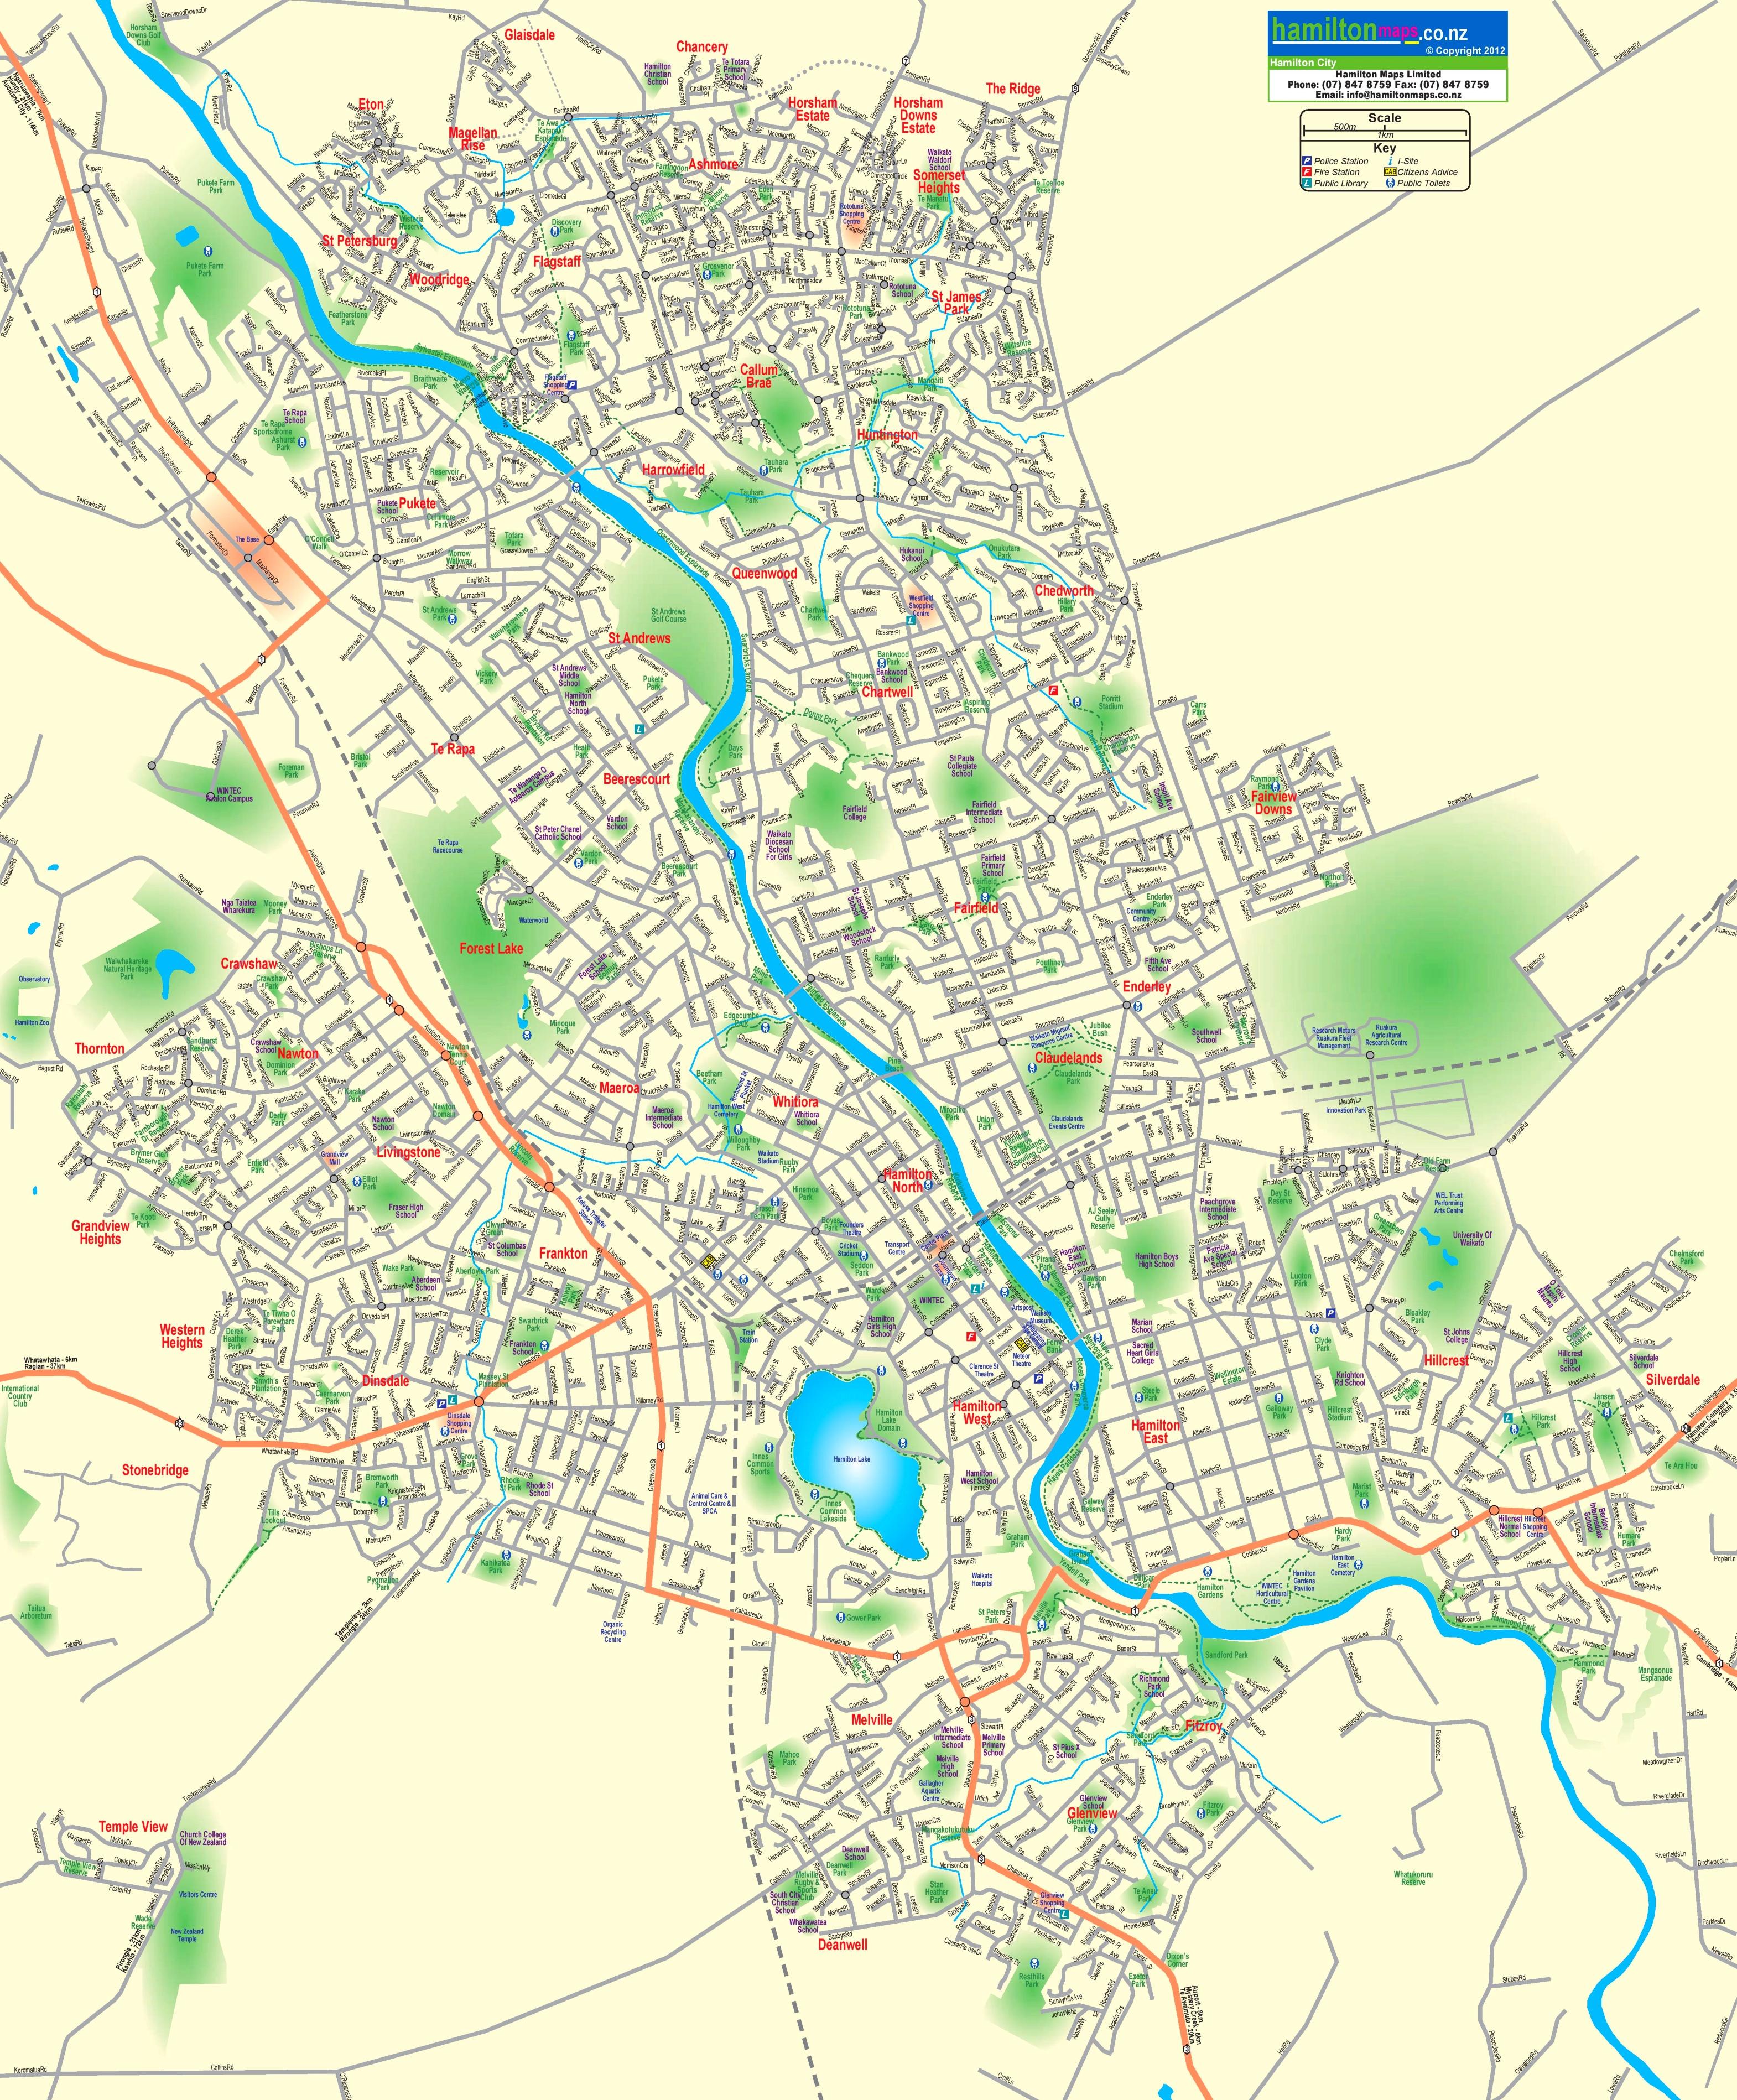 Hamilton Map New Zealand.Hamilton Street Map